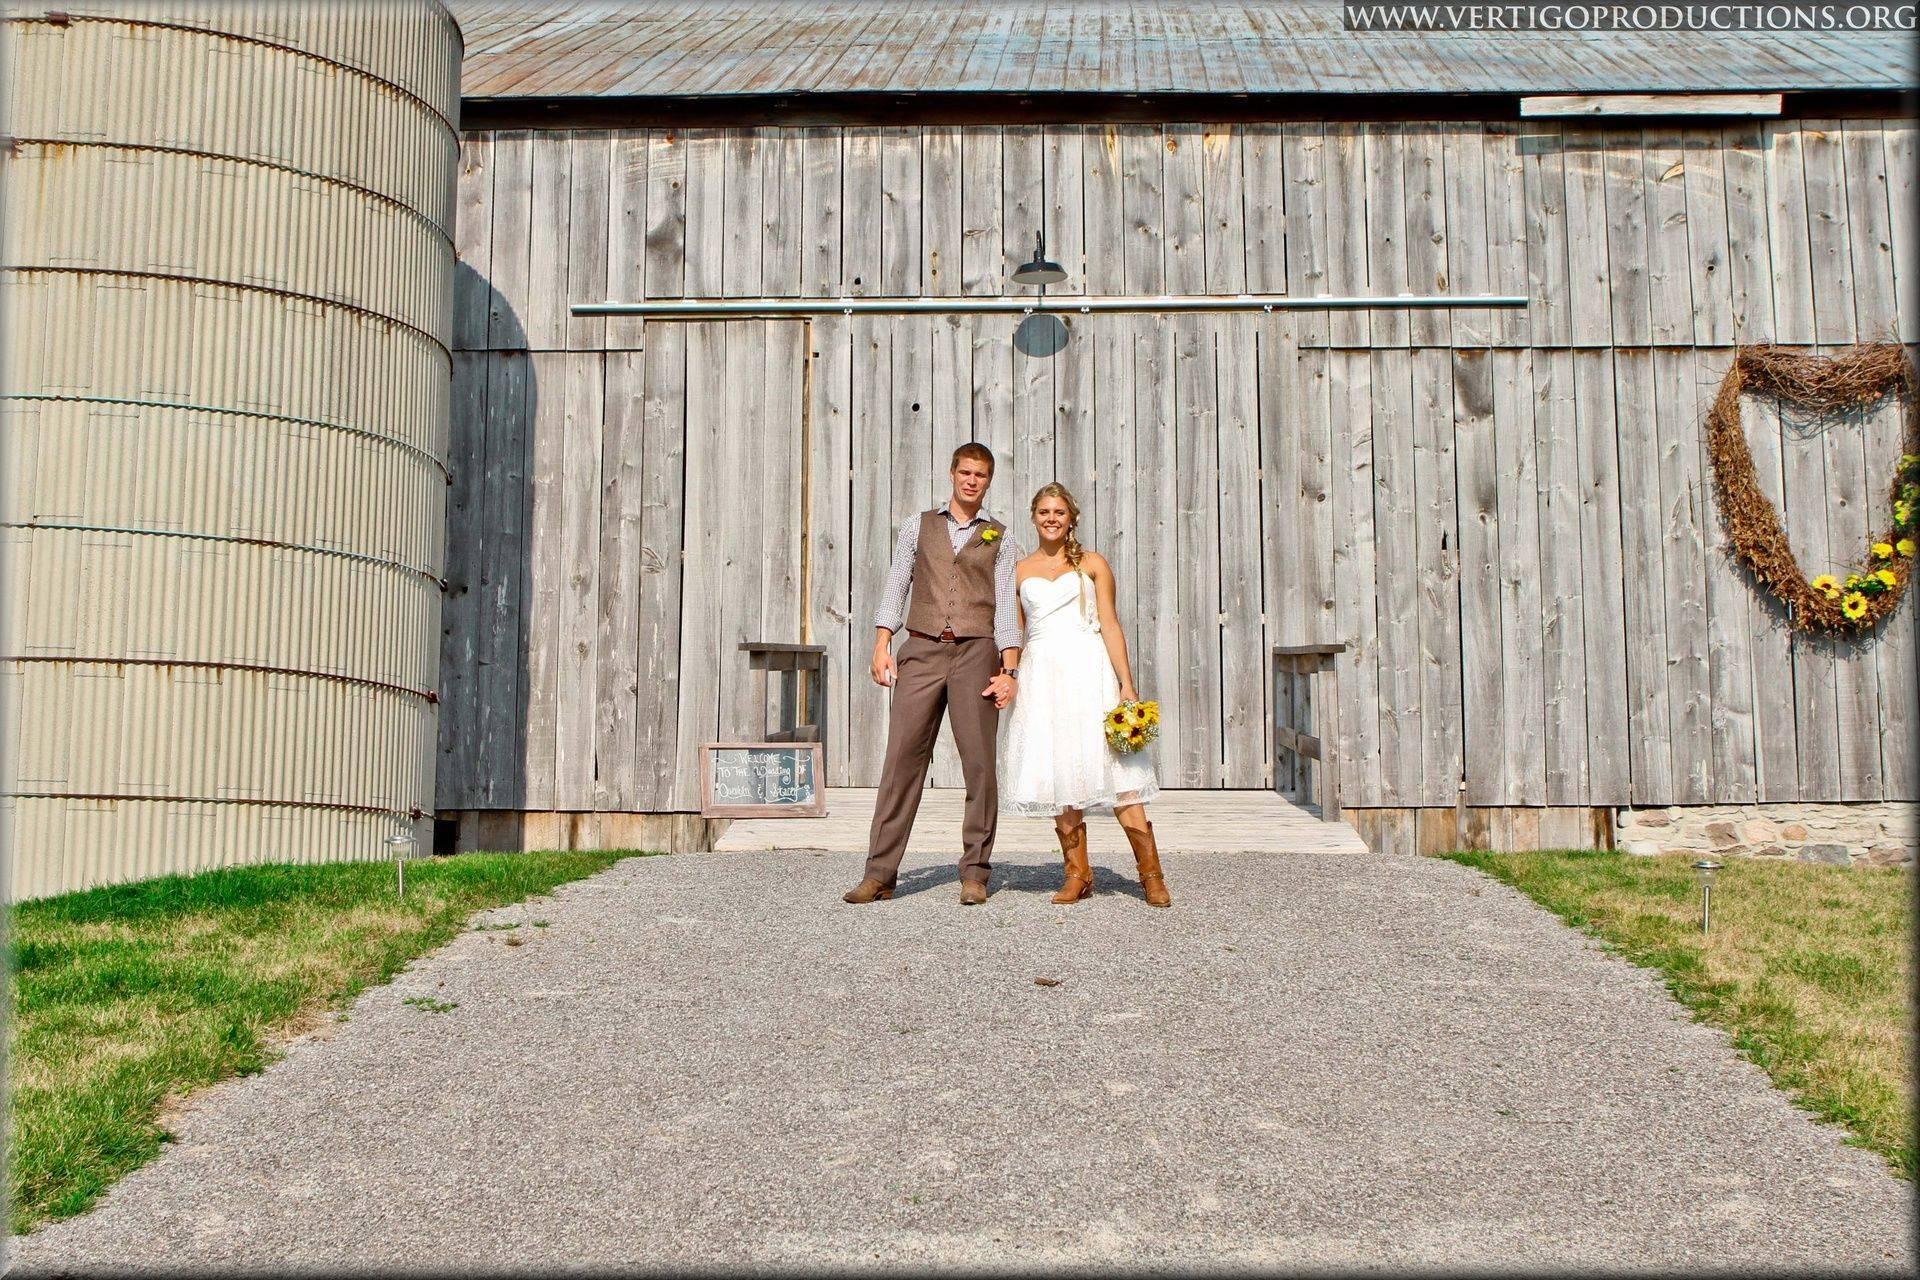 Ontario farm wedding, ontario barn wedding, Brockville wedding photographer, Fenelon Falls Ontario, vertigo productions photography